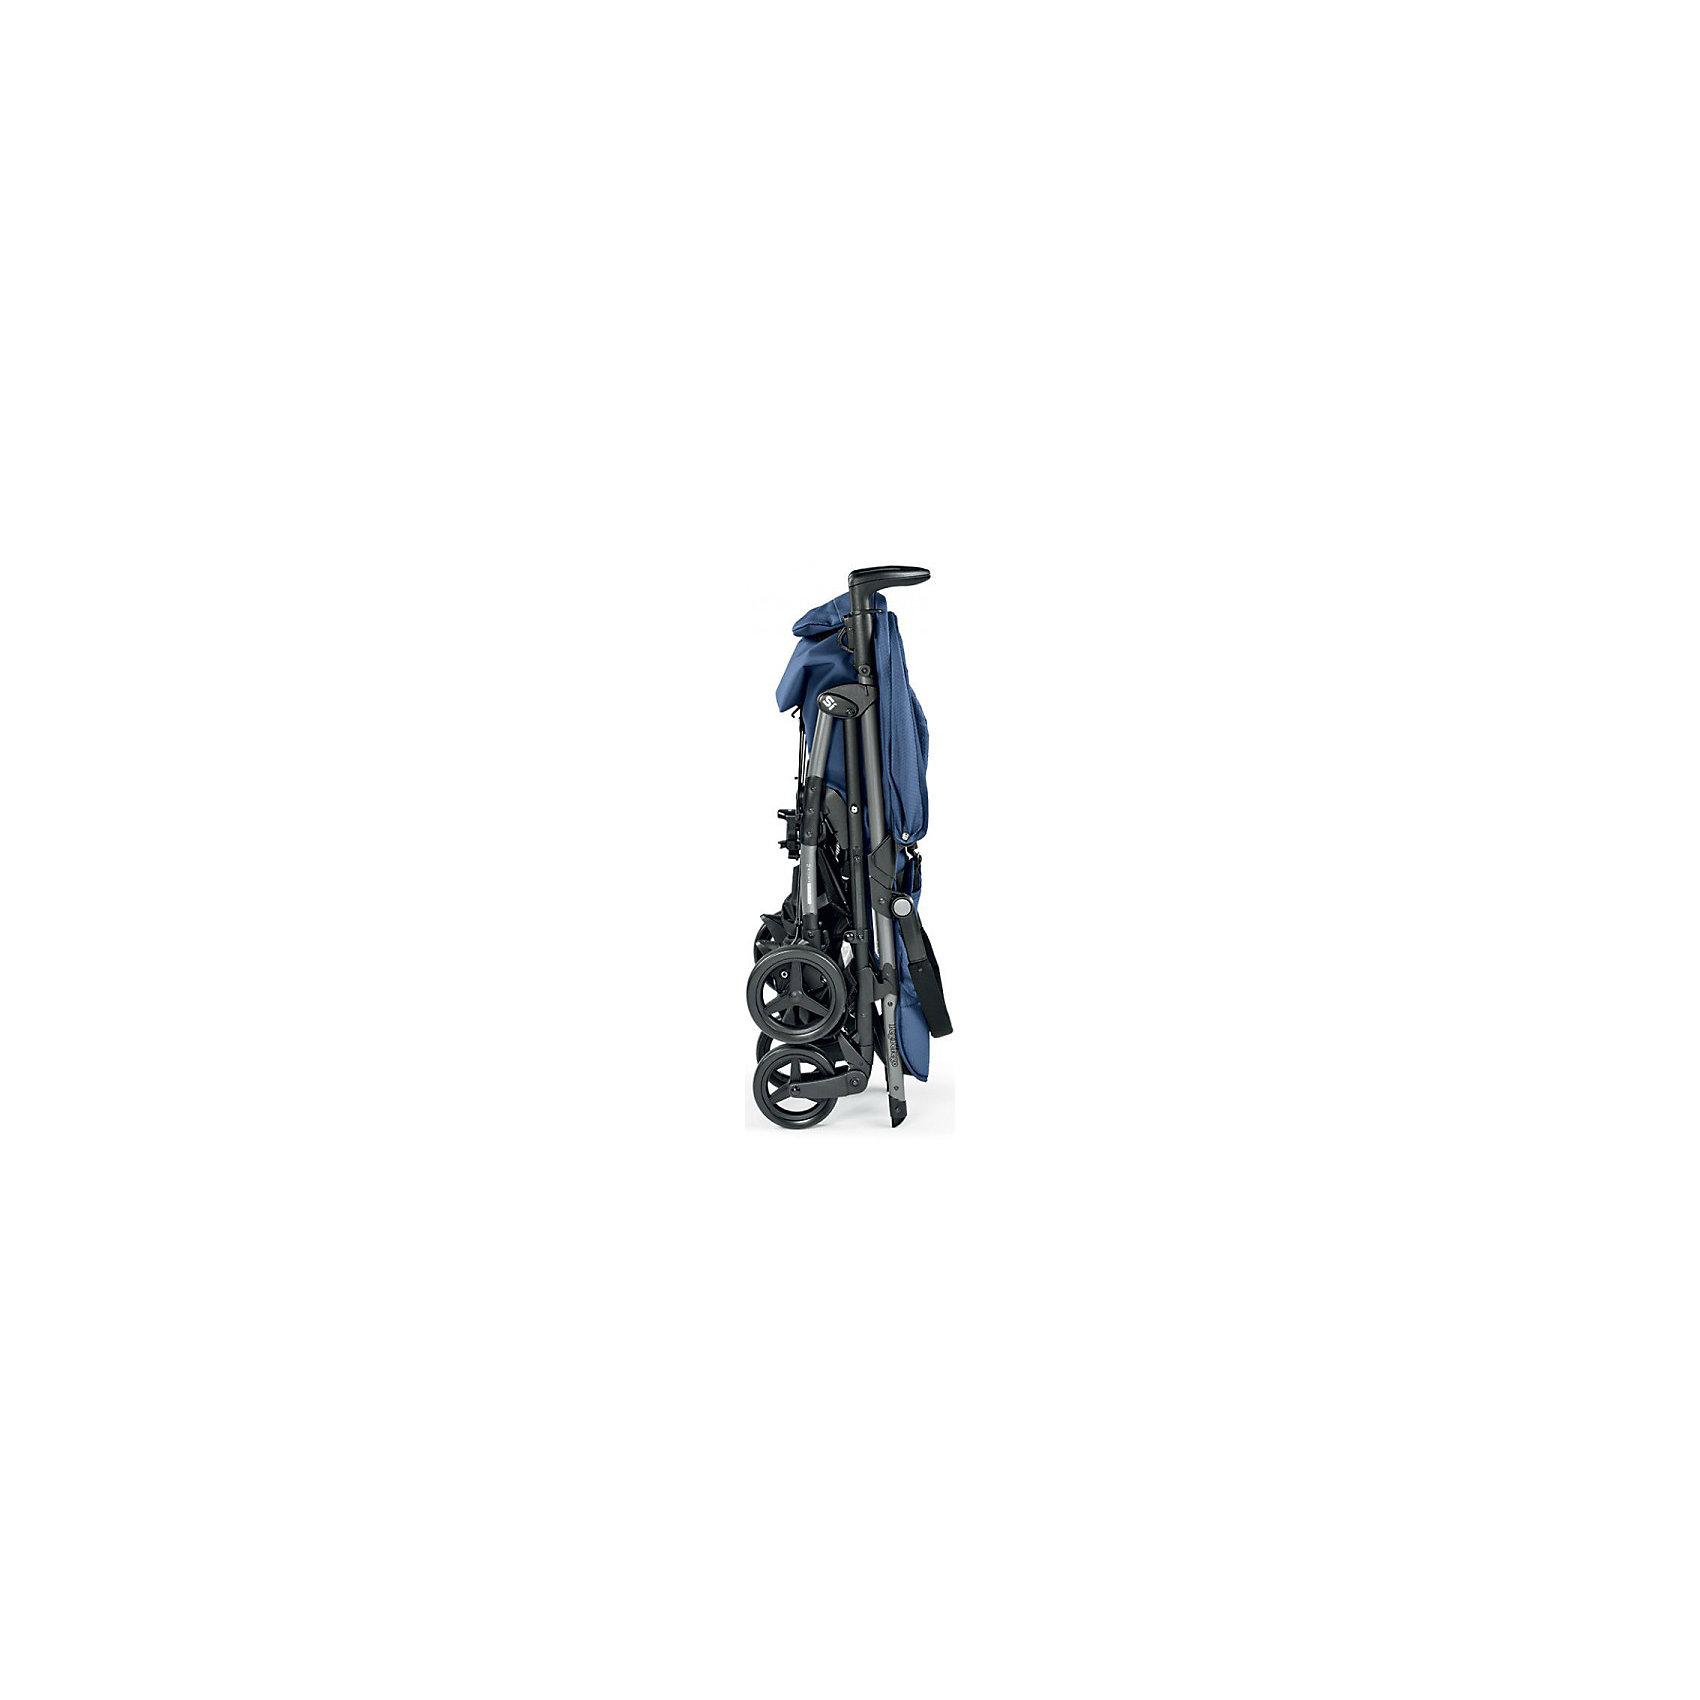 Коляска-трость Si Completo, Peg-Perego, Mod Bluette синий (Peg Perego)